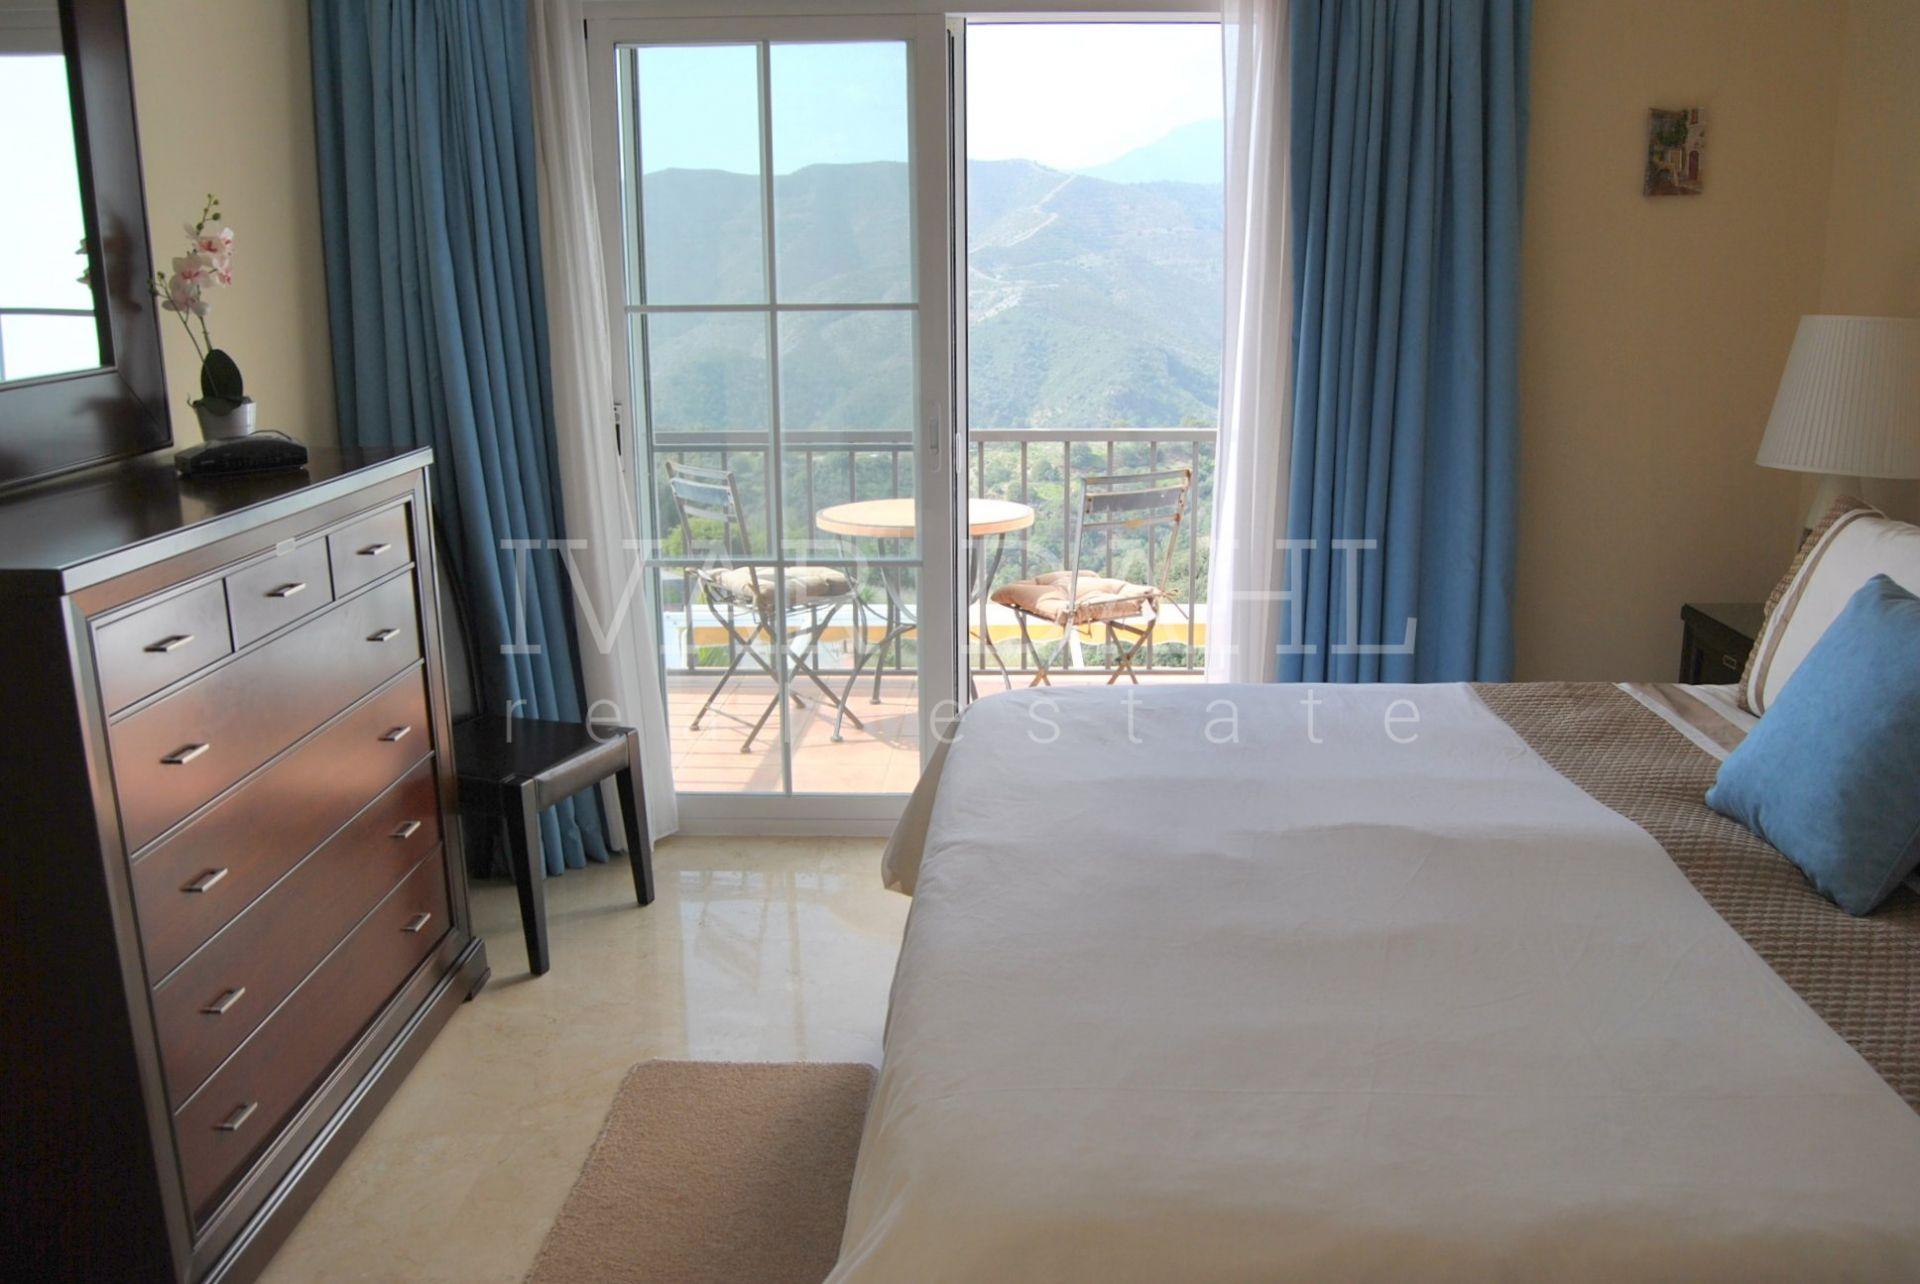 wohnung in istan nahe marbella eine sch ne helle maisonette wohnung mit herrlicher aussicht. Black Bedroom Furniture Sets. Home Design Ideas